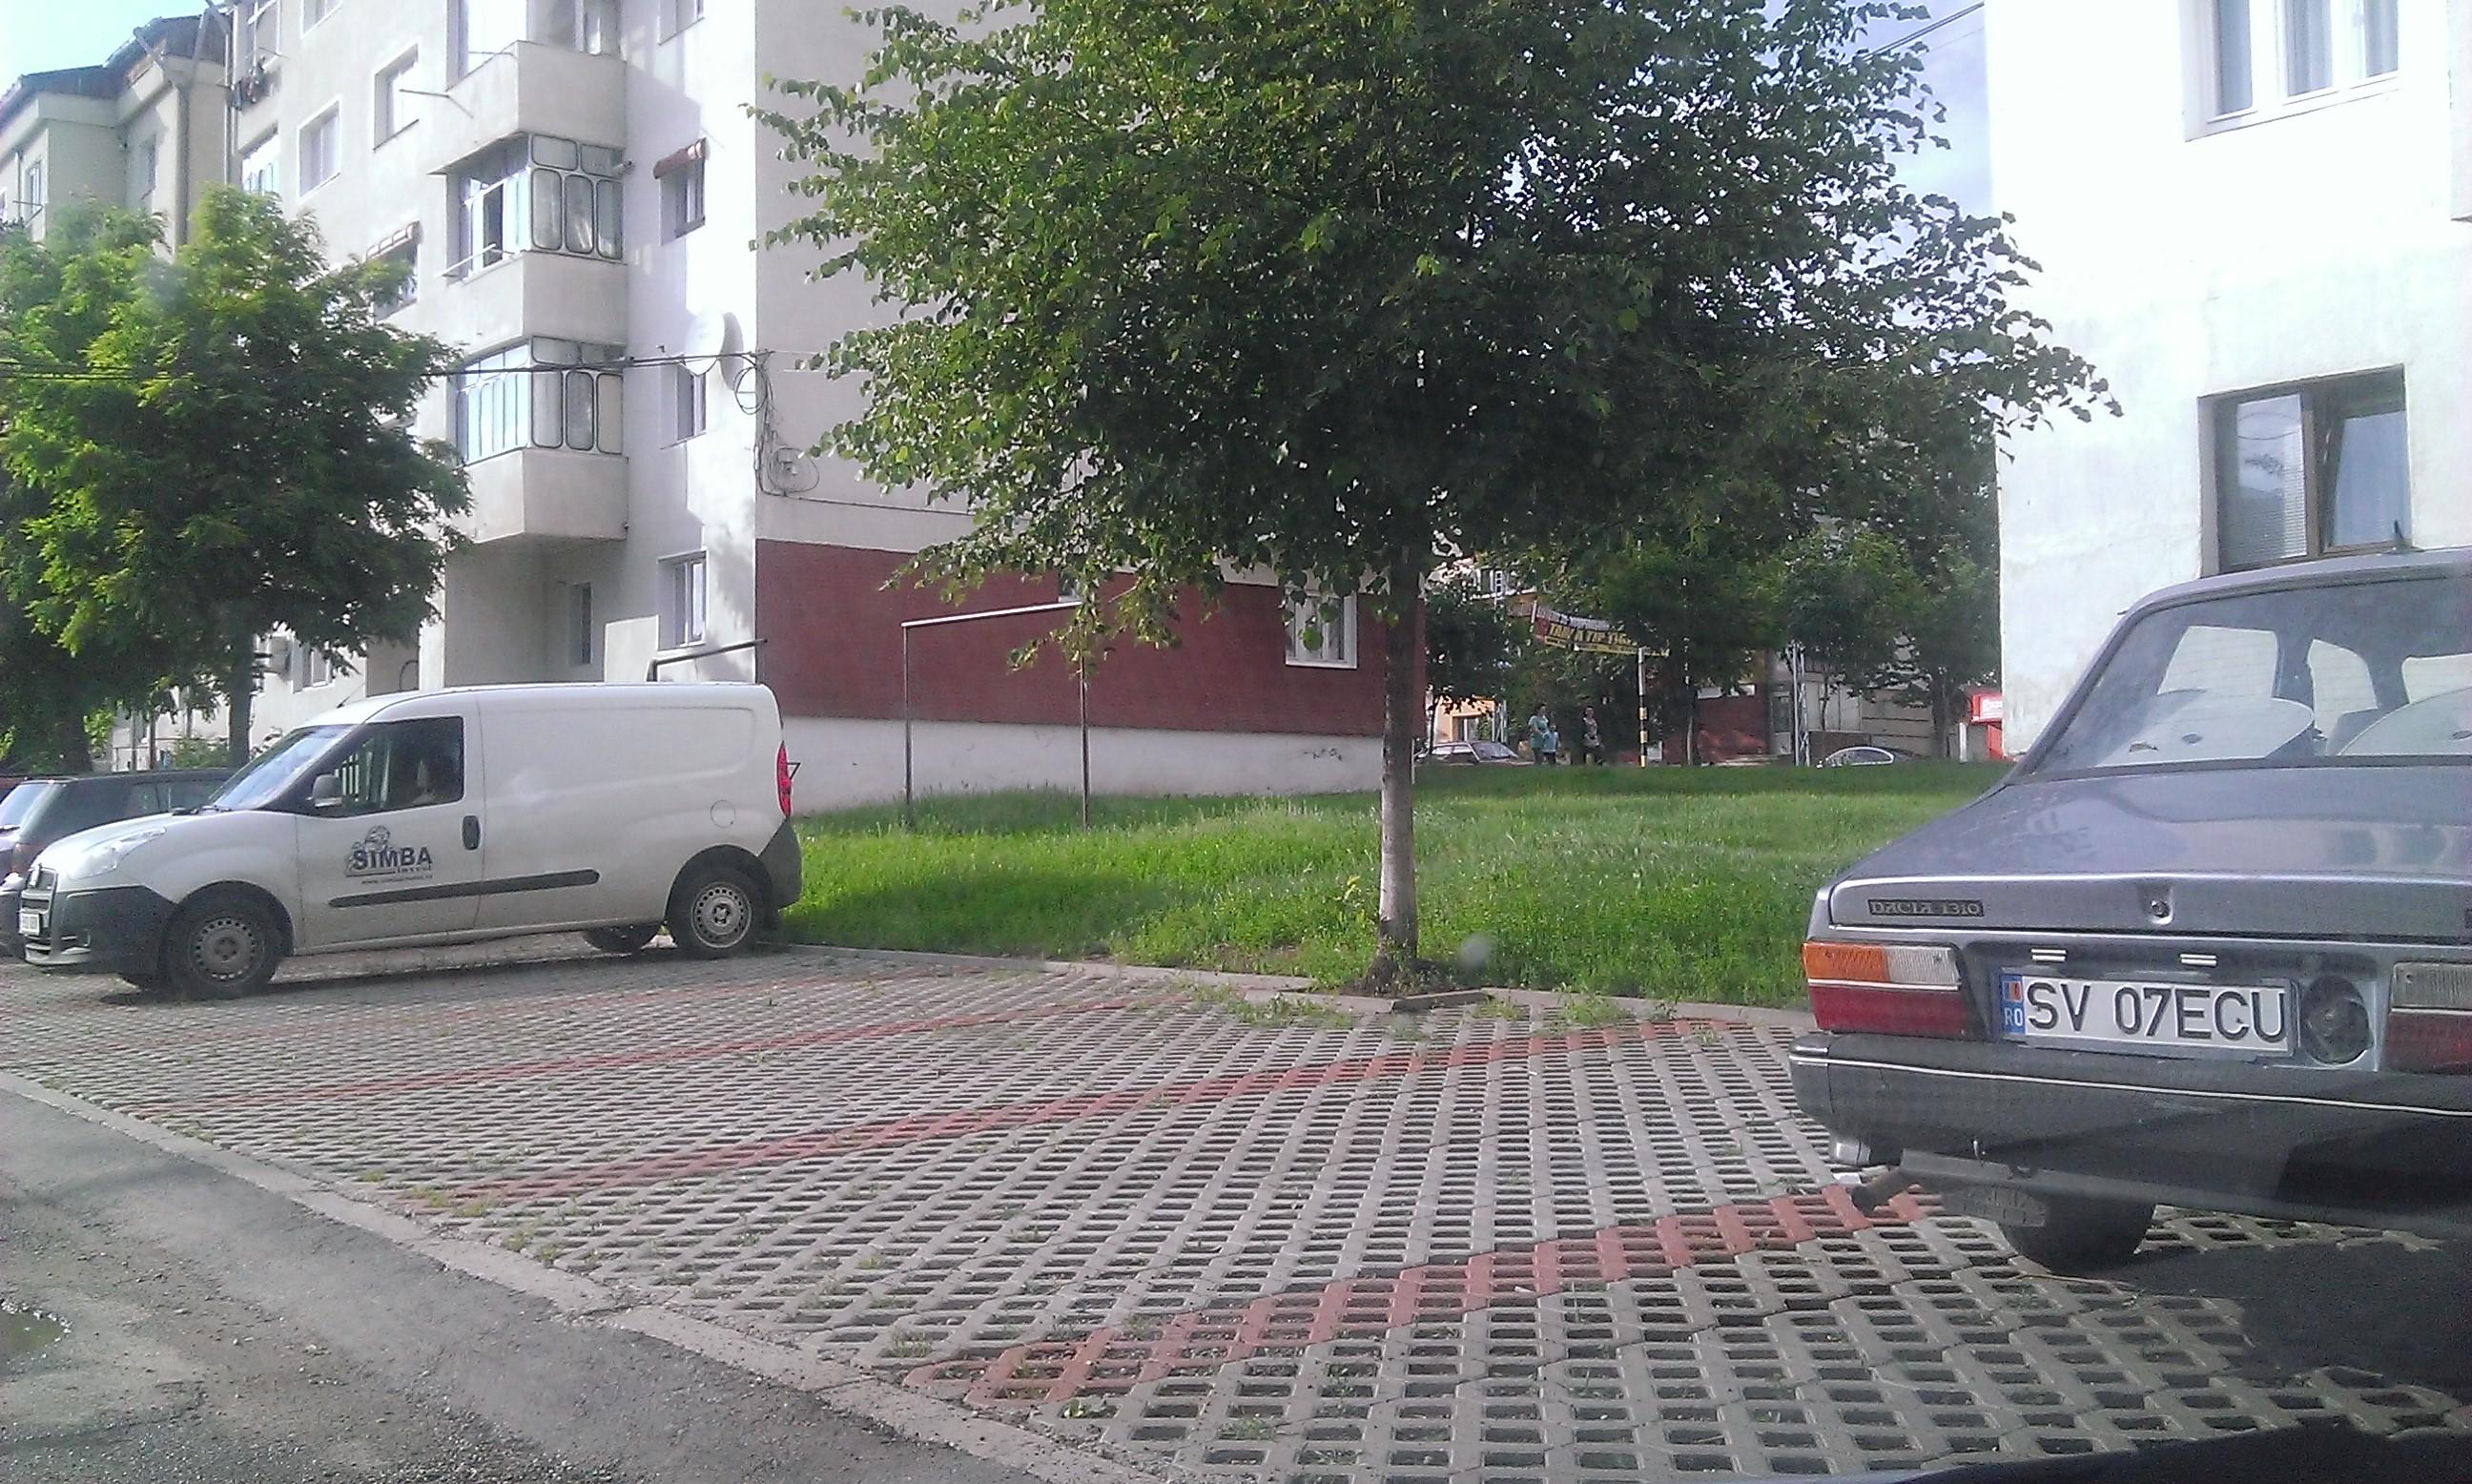 Tarif indexat pentru locurile de parcare din Fălticeni